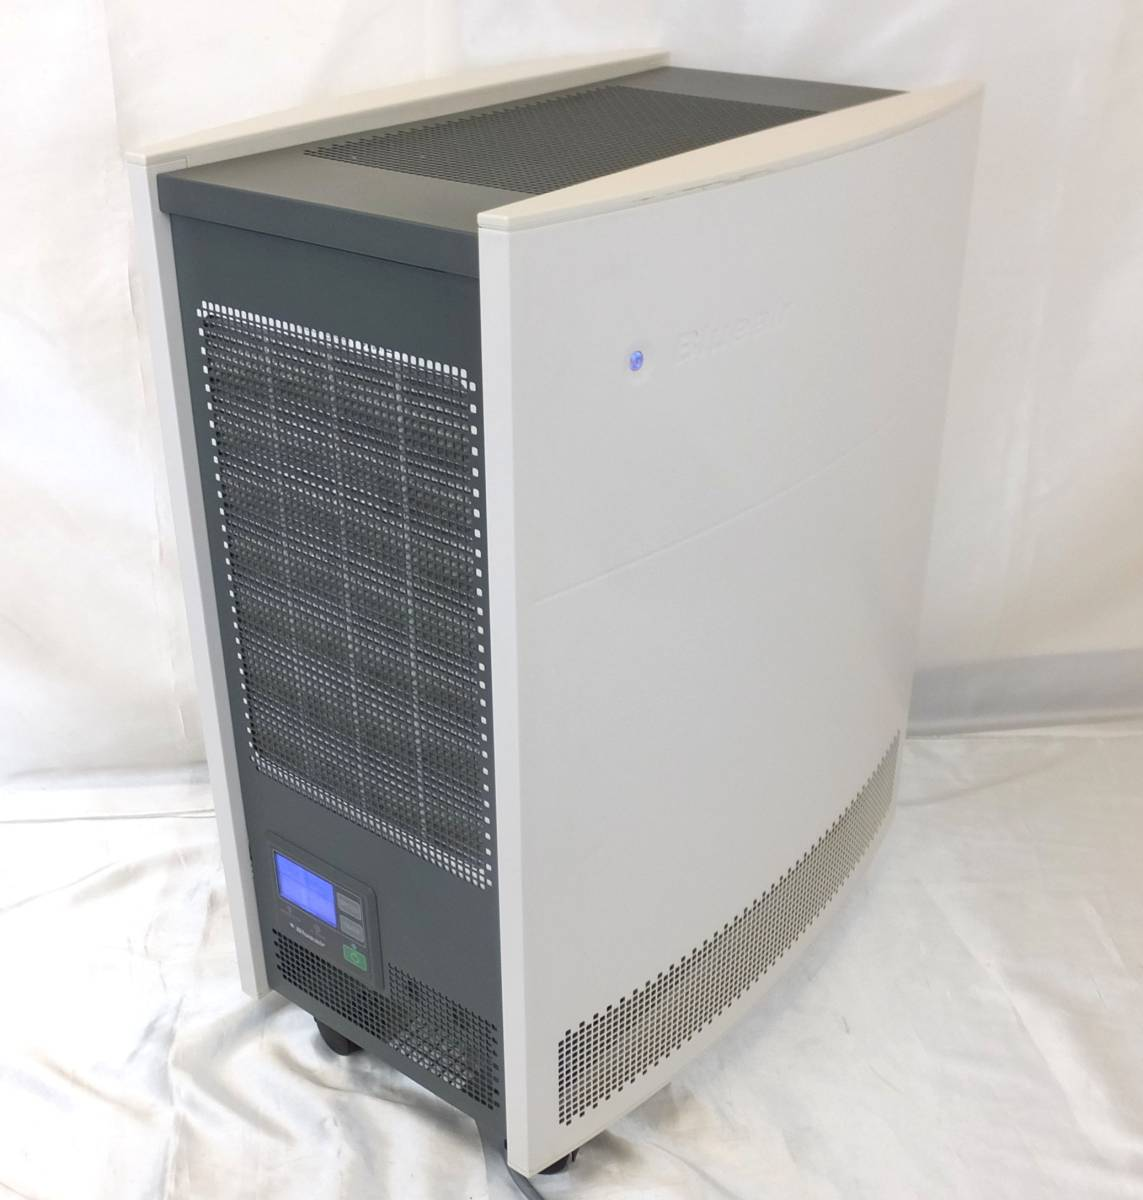 【美品/フィルター使用感少】Blueair/ブルーエア/650EK110PAW/空気清浄機  [K]